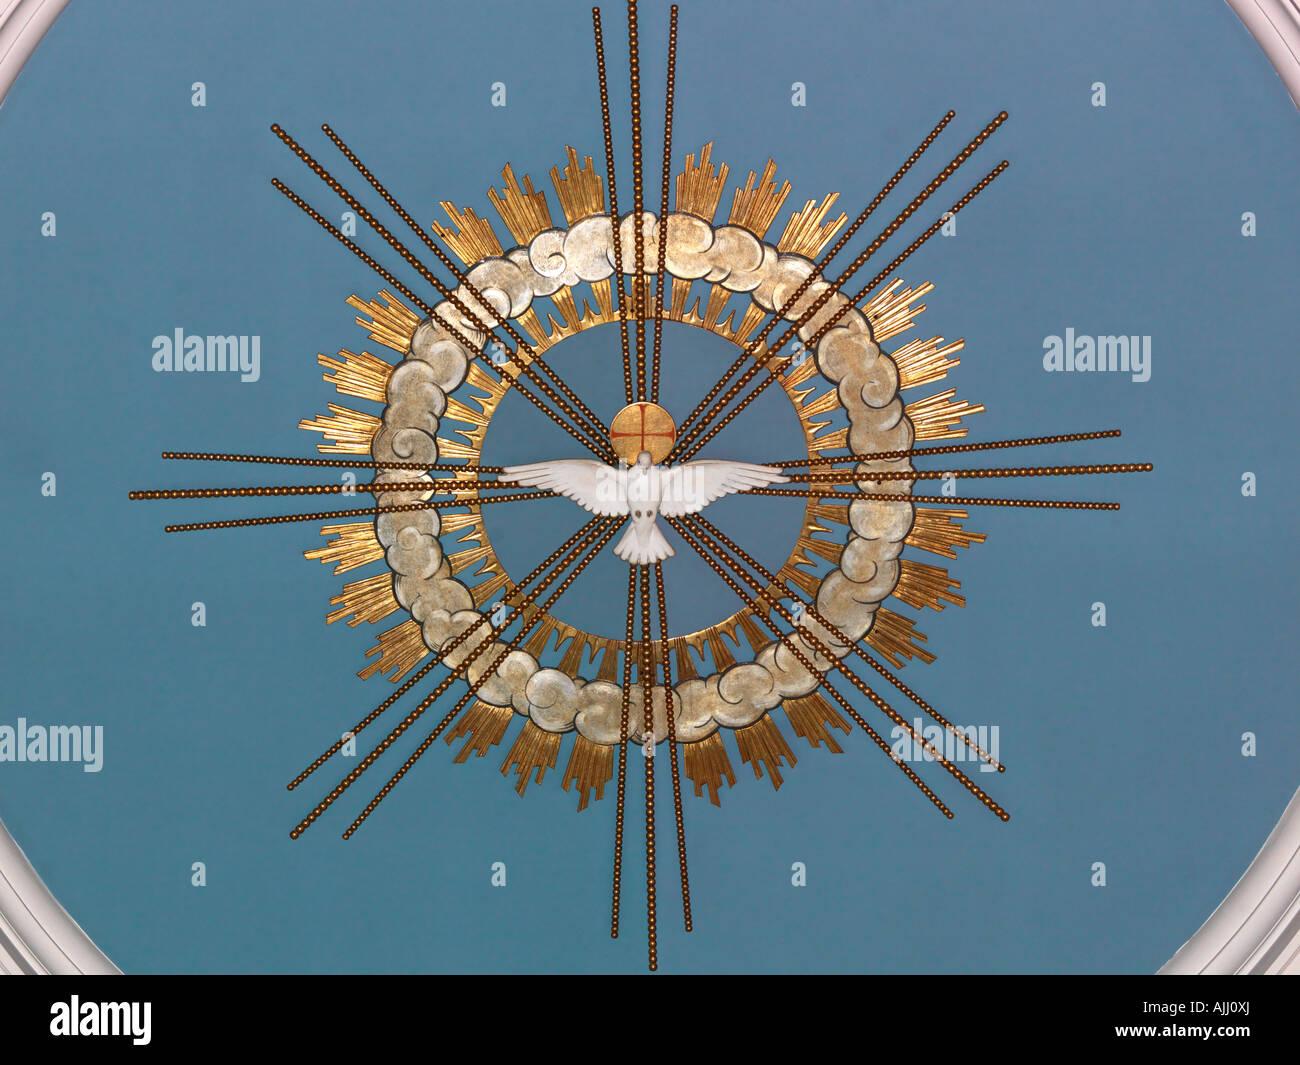 B 51319 colombe de la paix sur le plafond de l'église Holy Trinity Clapham Common London England Photo Stock